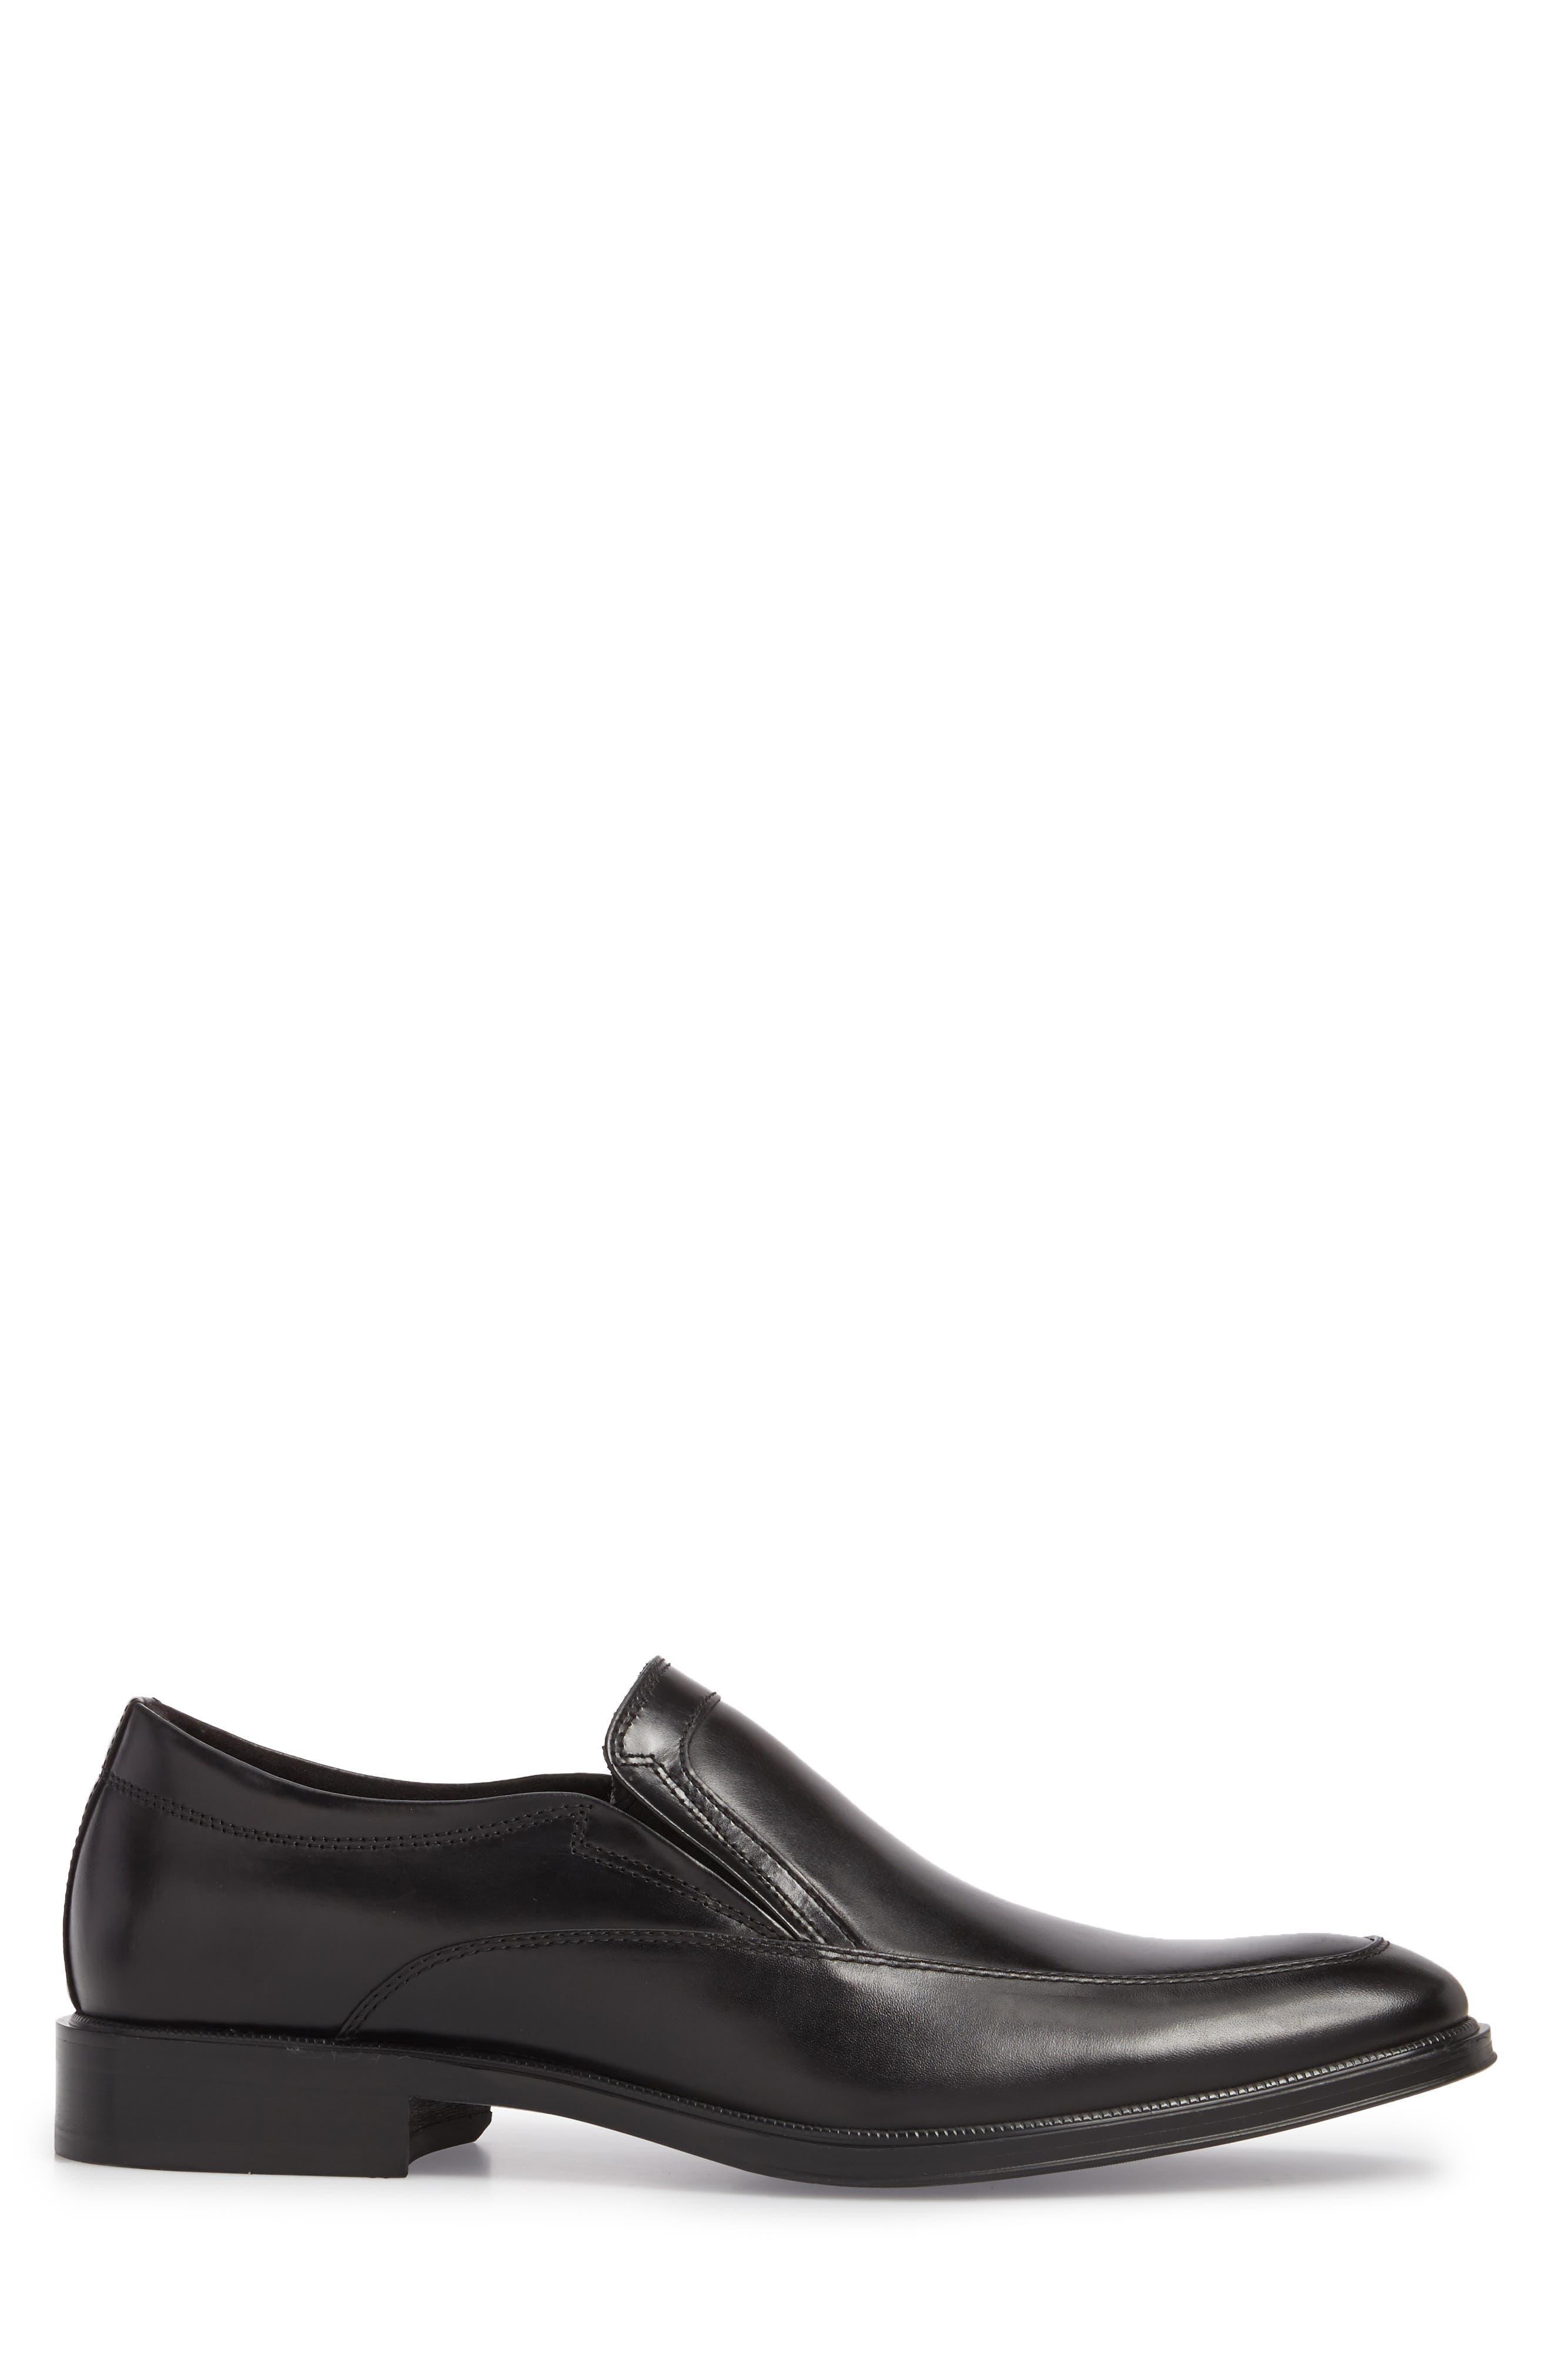 Alternate Image 3  - Kenneth Cole New York Tully Venetian Loafer (Men)